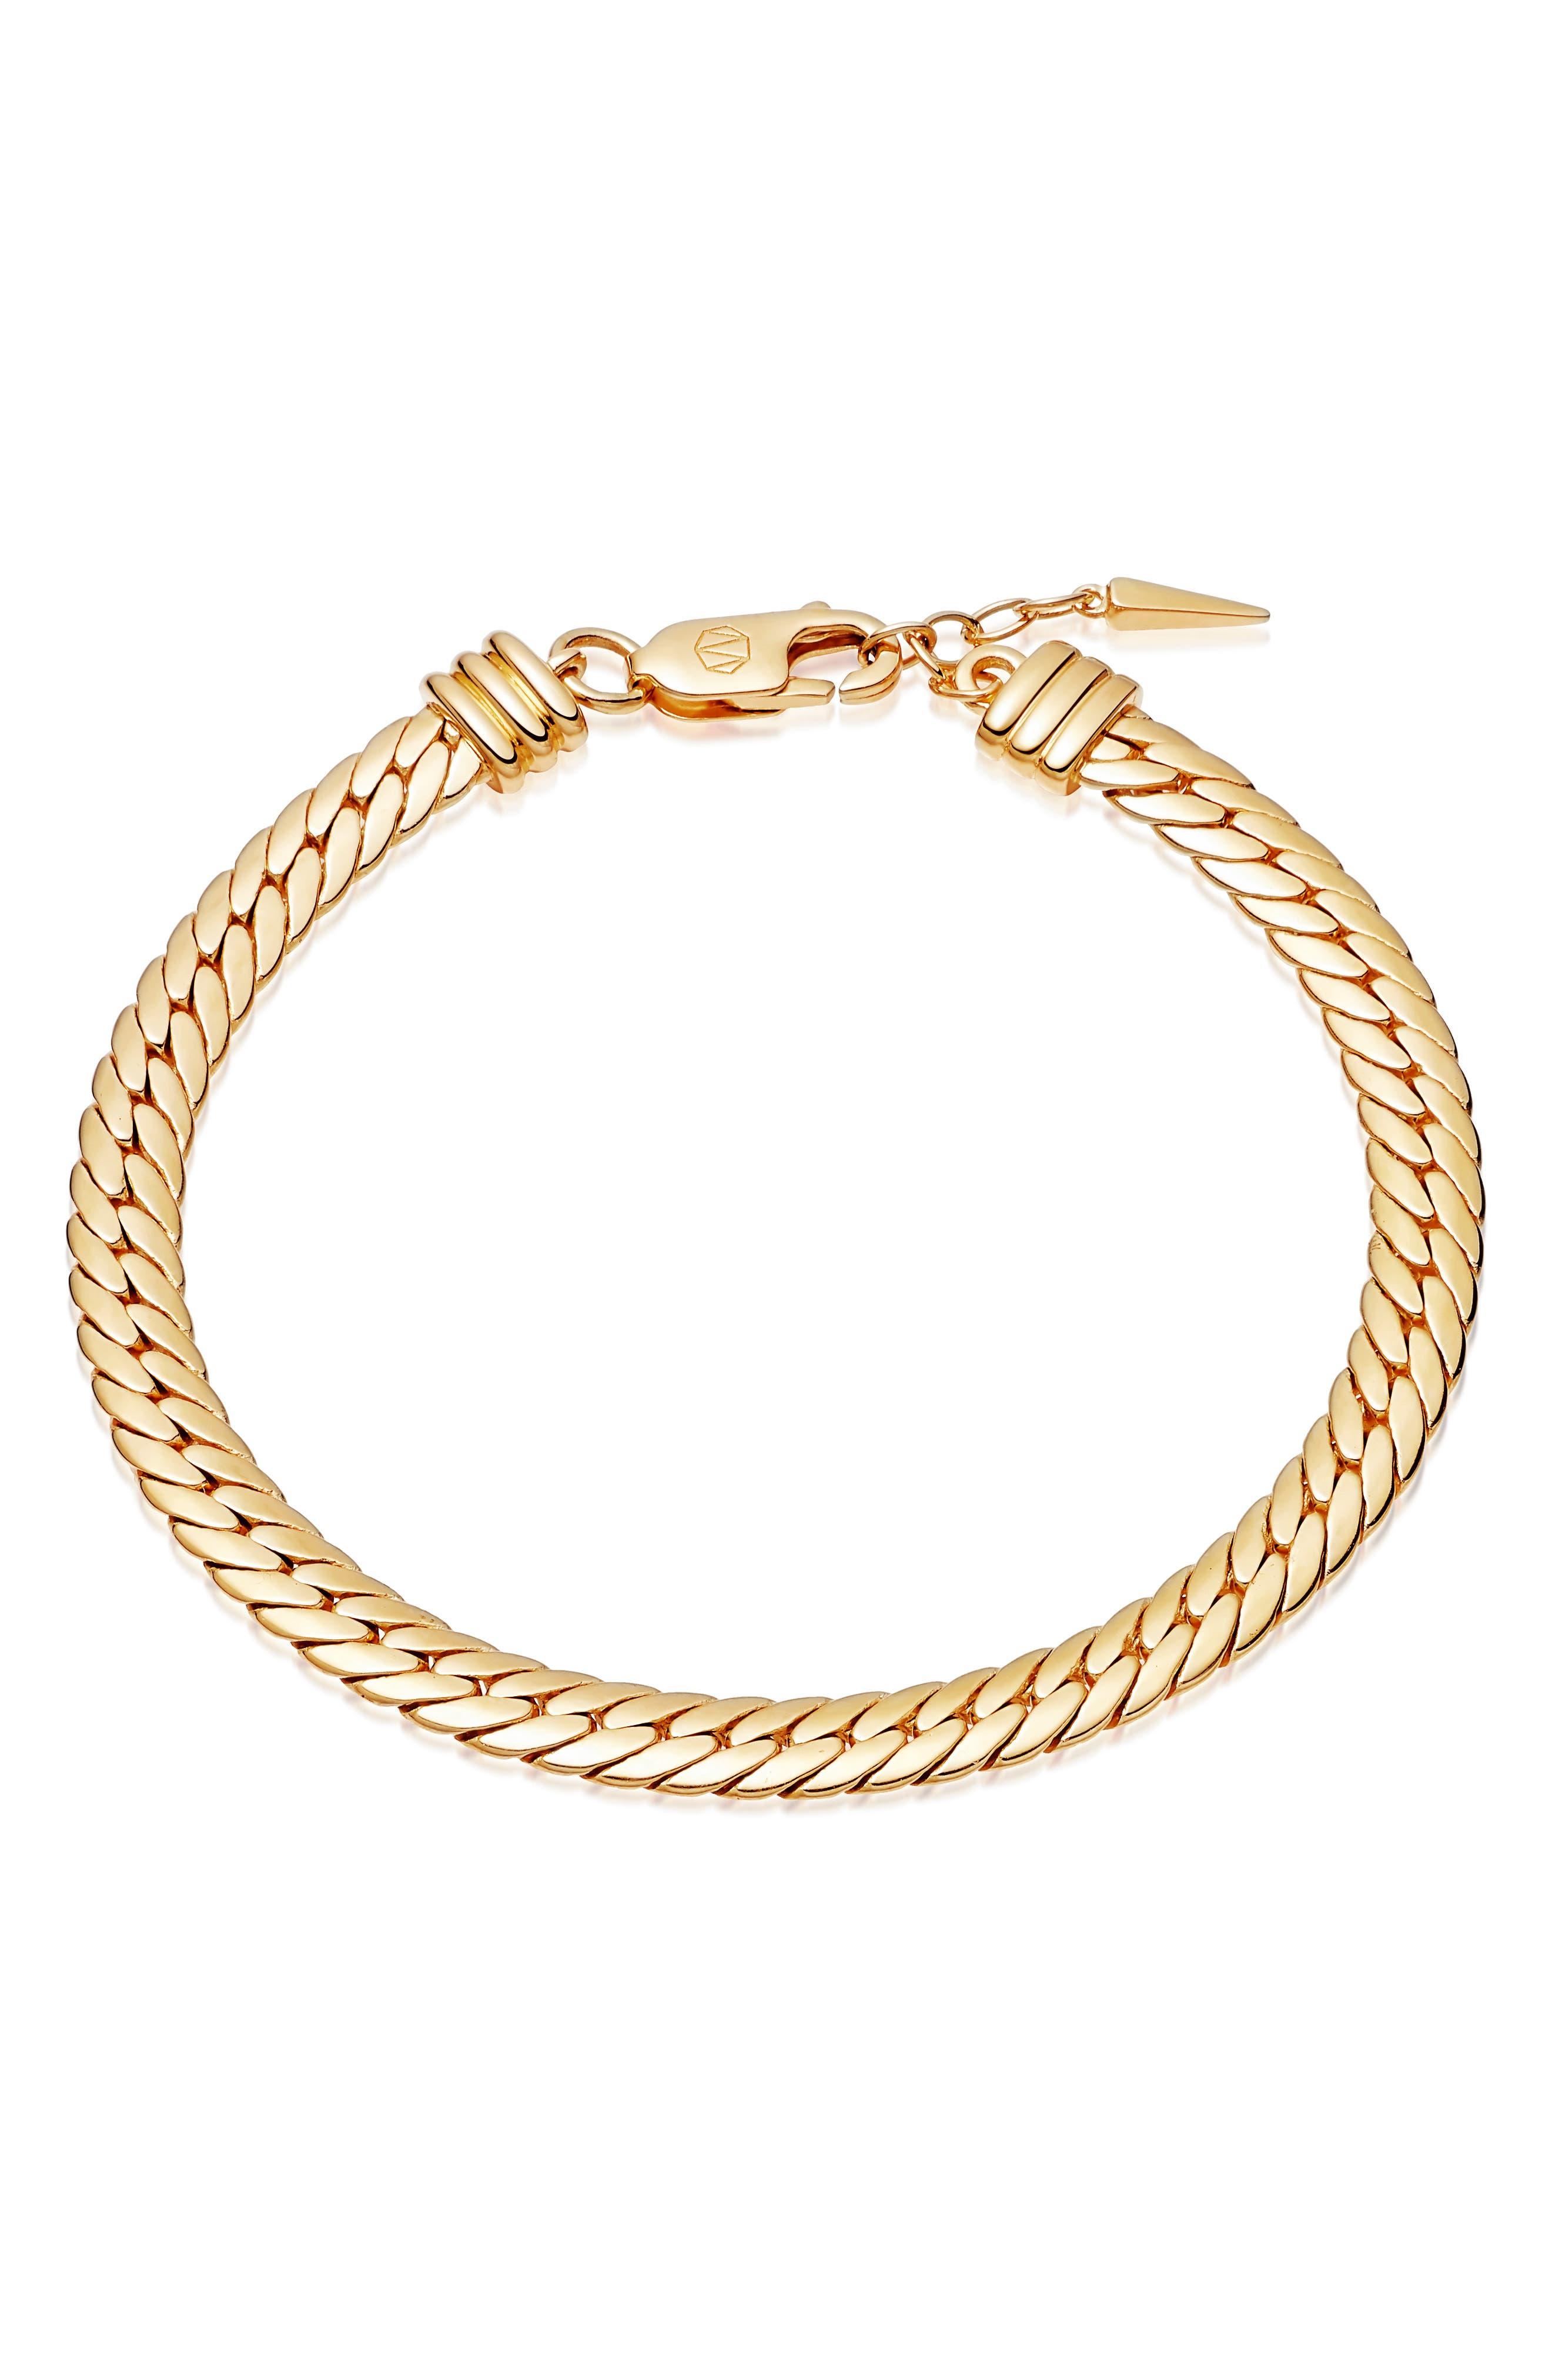 Camail Snake Chain Bracelet